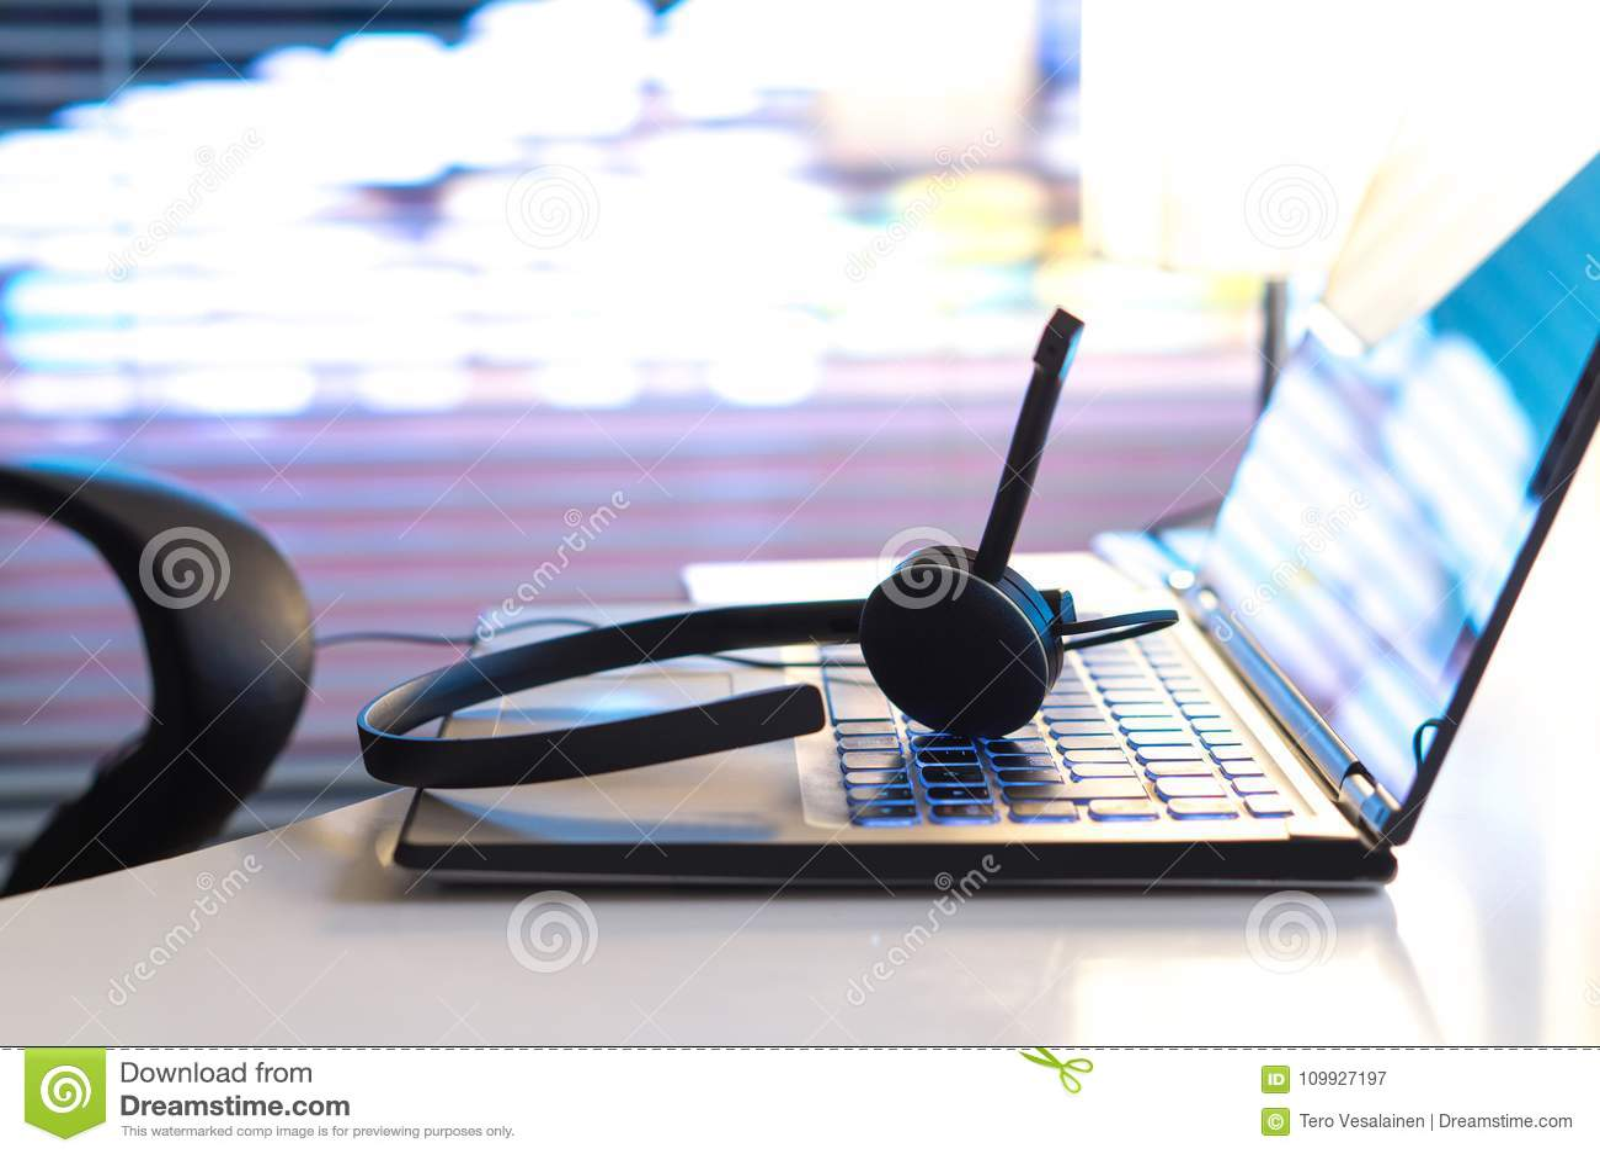 询问台、24/7顾客服务、支持热线或者电话中心